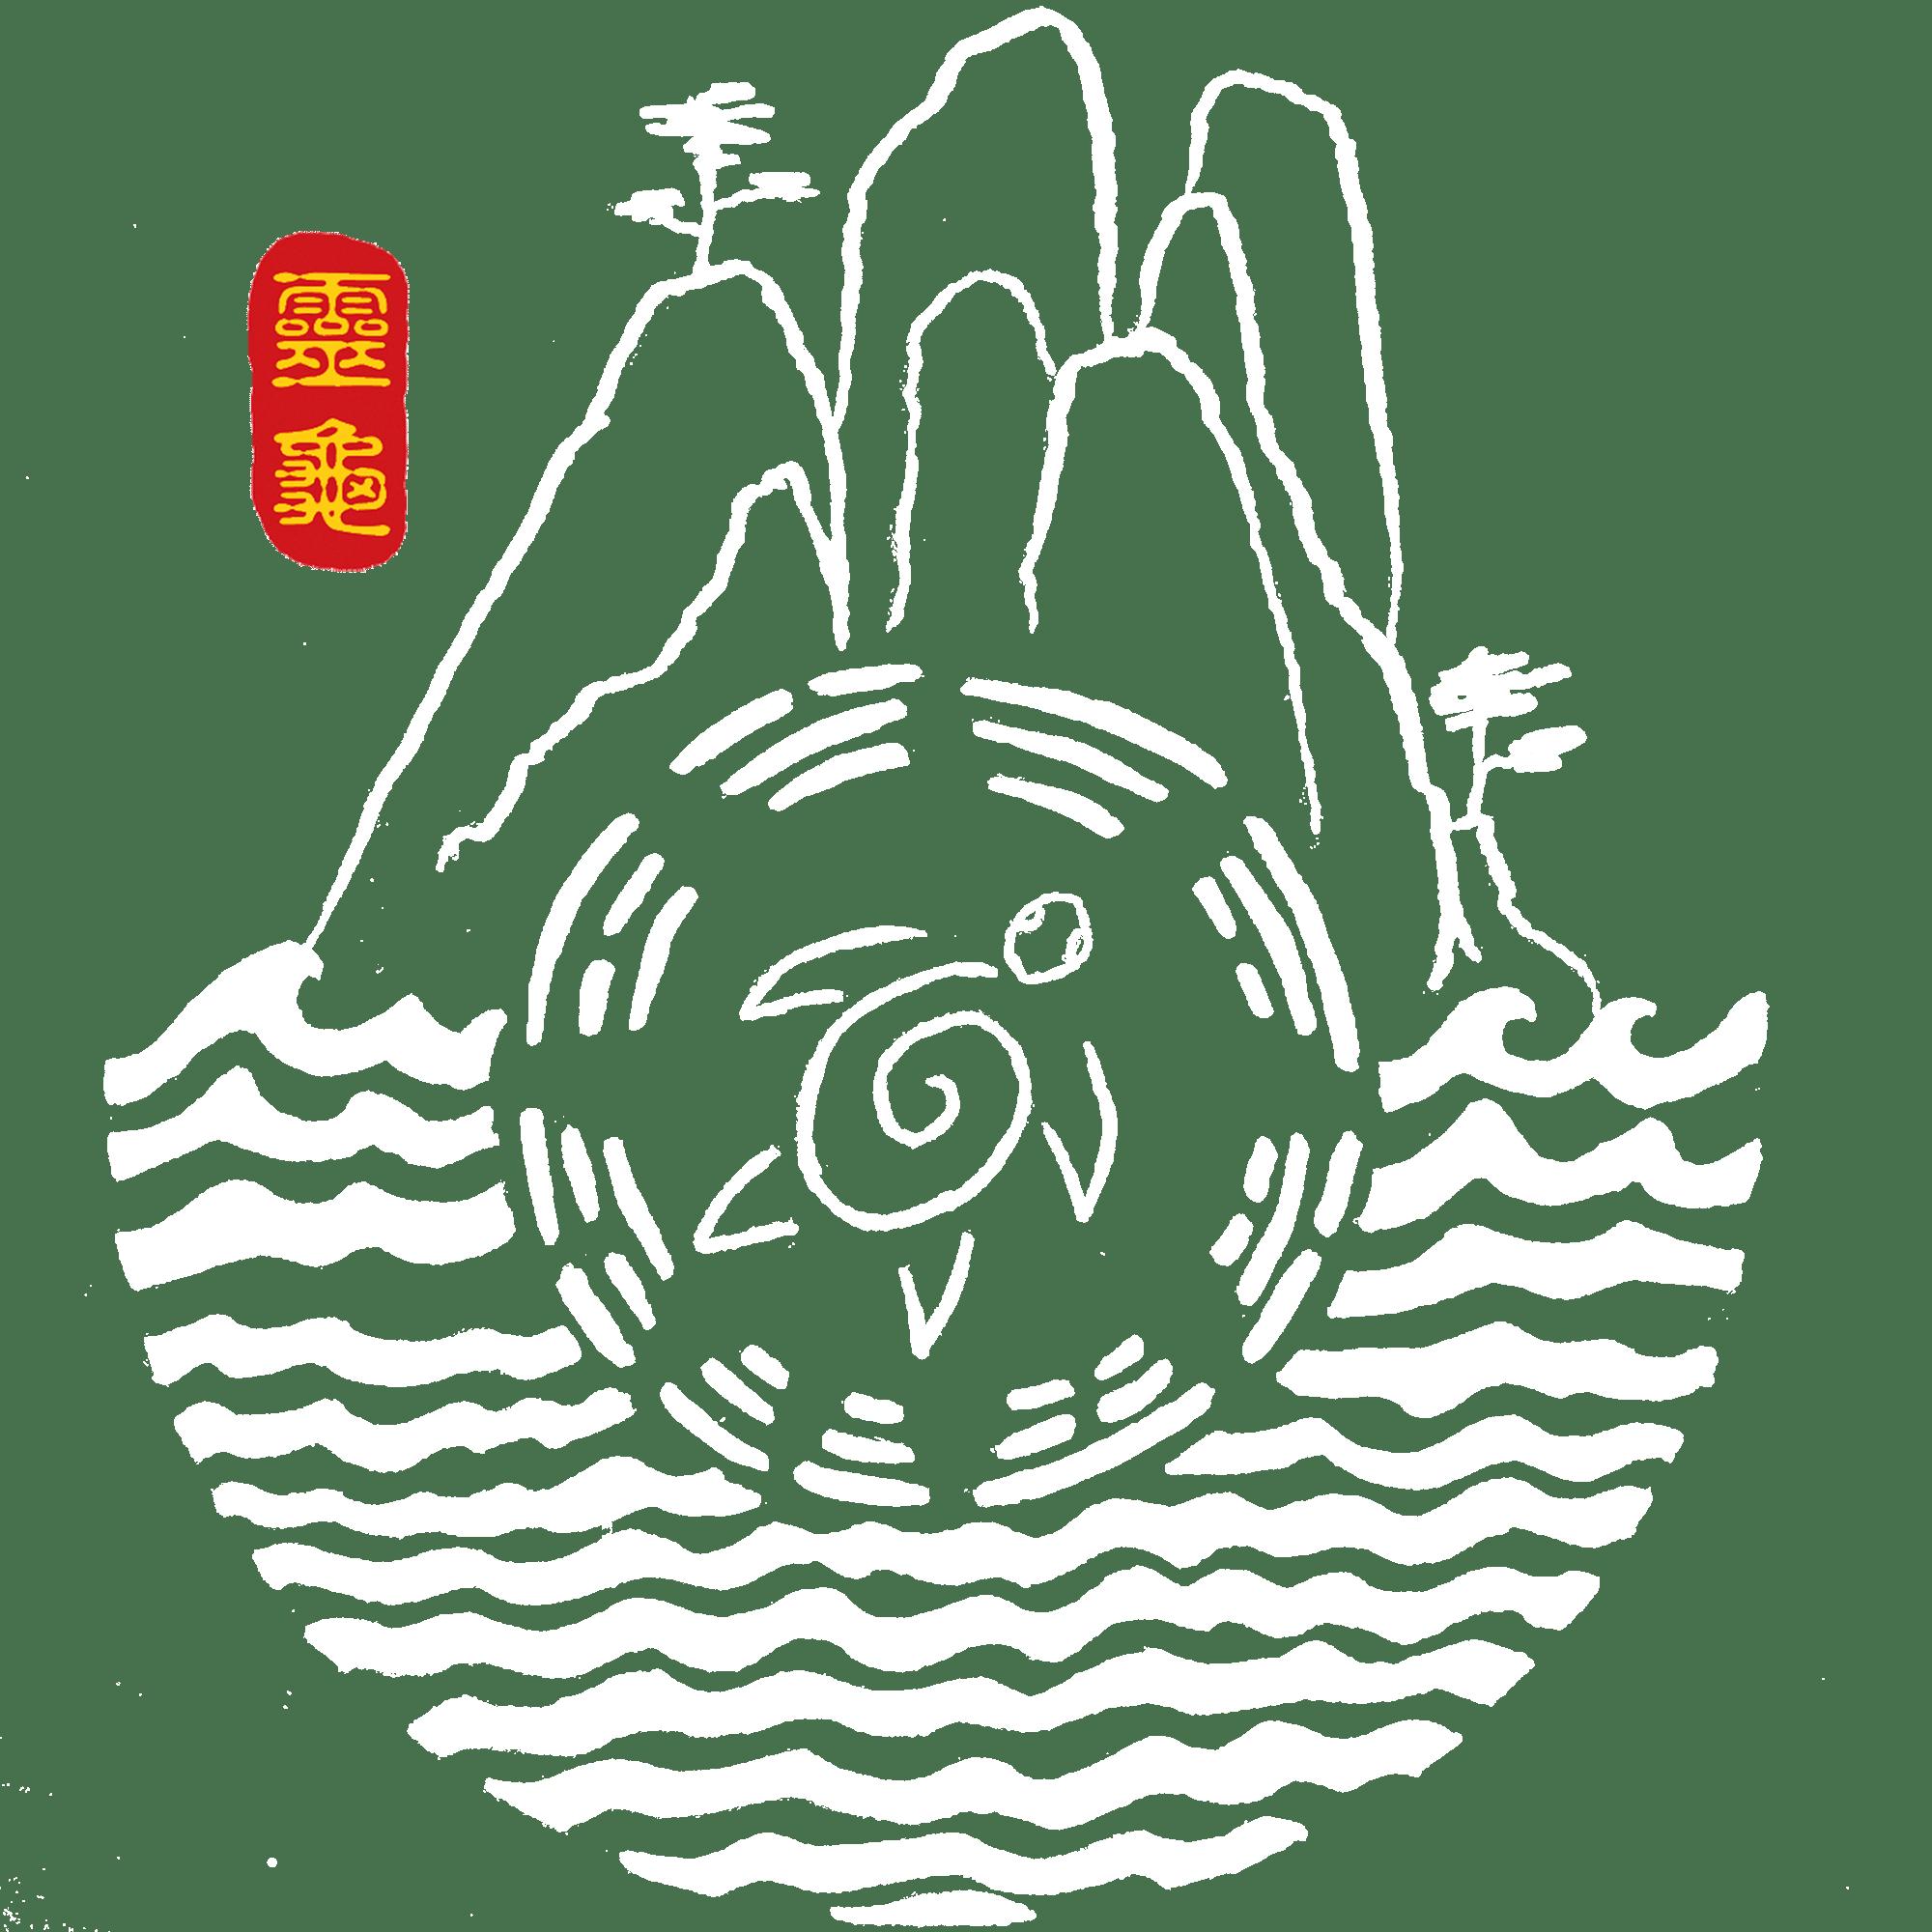 logo ling gui Schule für Qigong, Taijiquan (Tai Chi) und Meditation